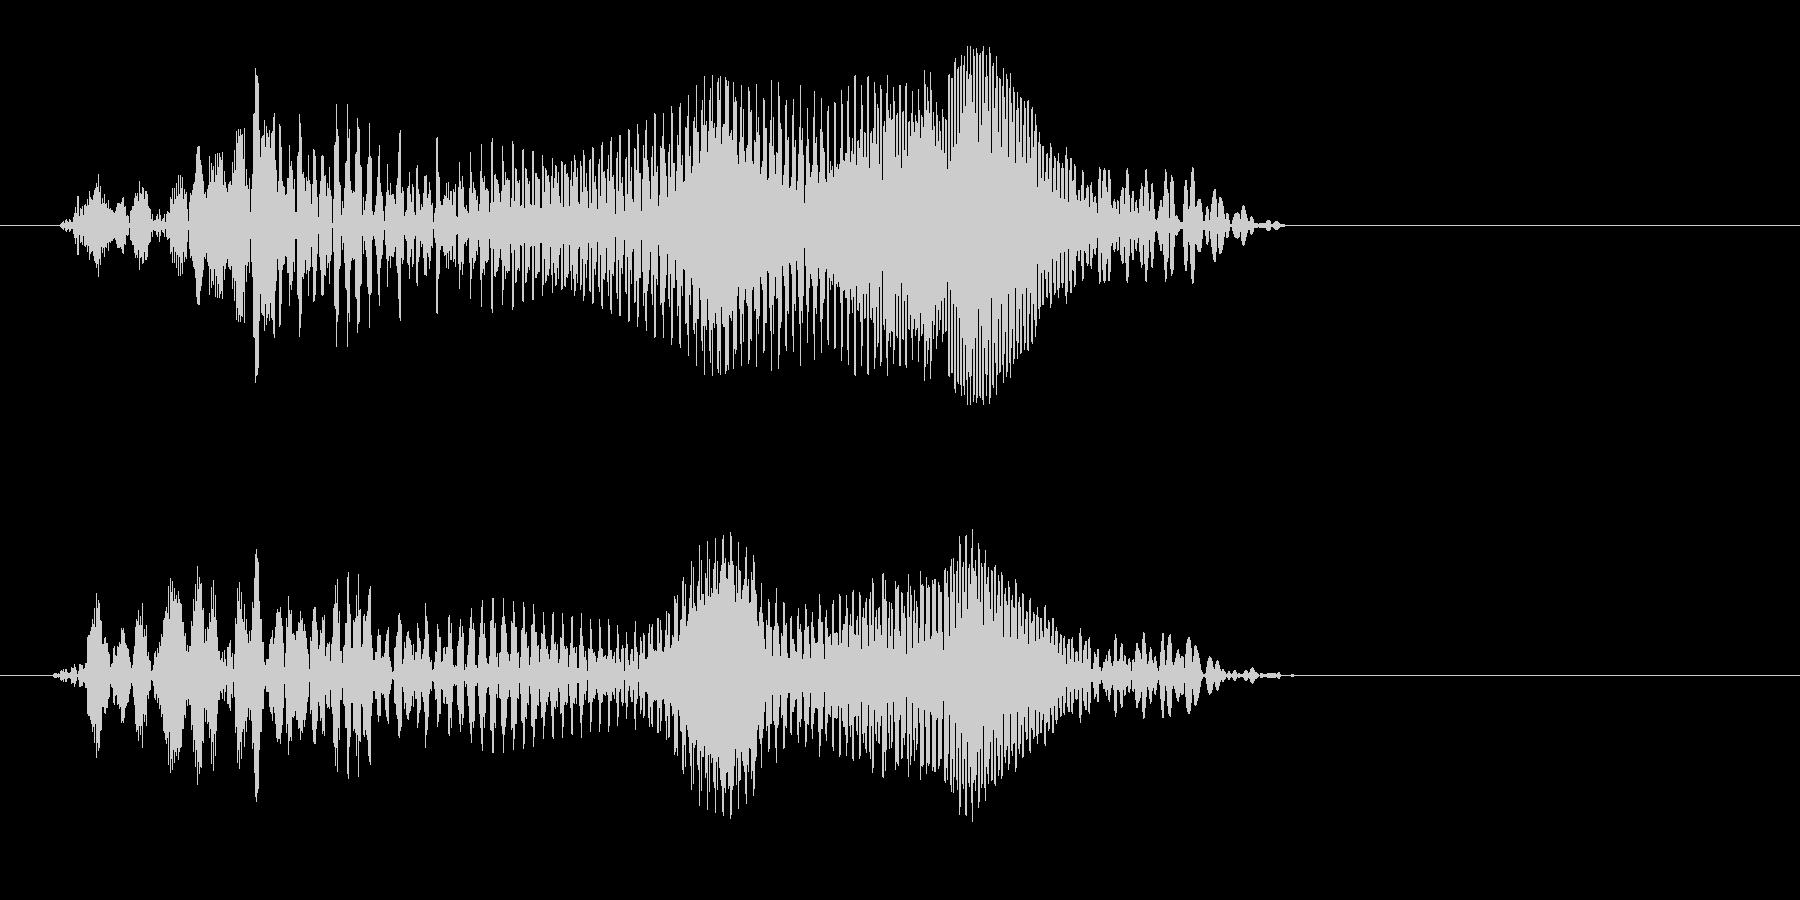 ピョンッ(ファンシーなかわいい効果音)の未再生の波形